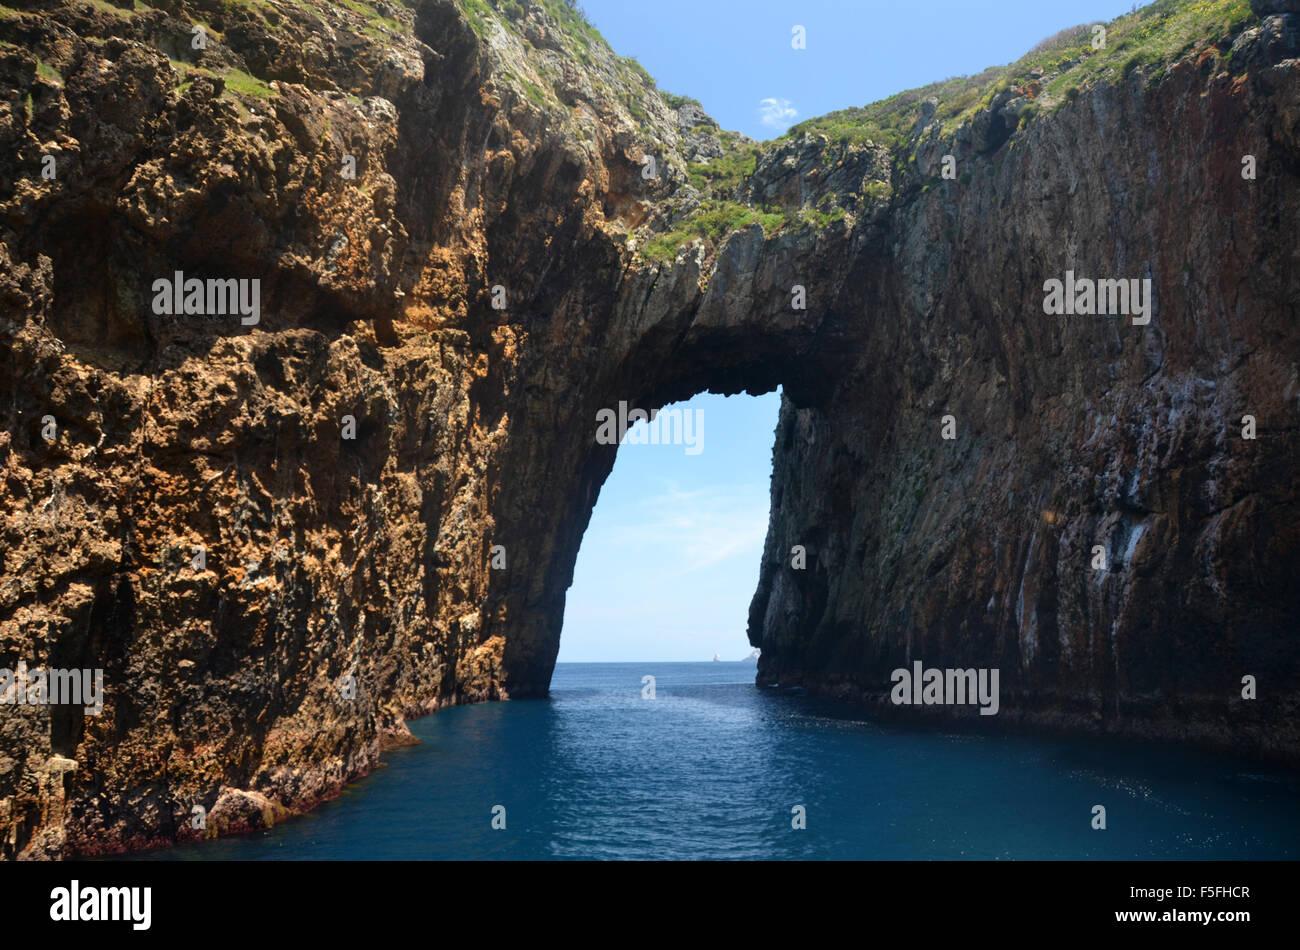 L'île d'Archway, Tawhiti Rahi, réserve naturelle de Poor Knights Islands, Bay of Islands, Île Photo Stock